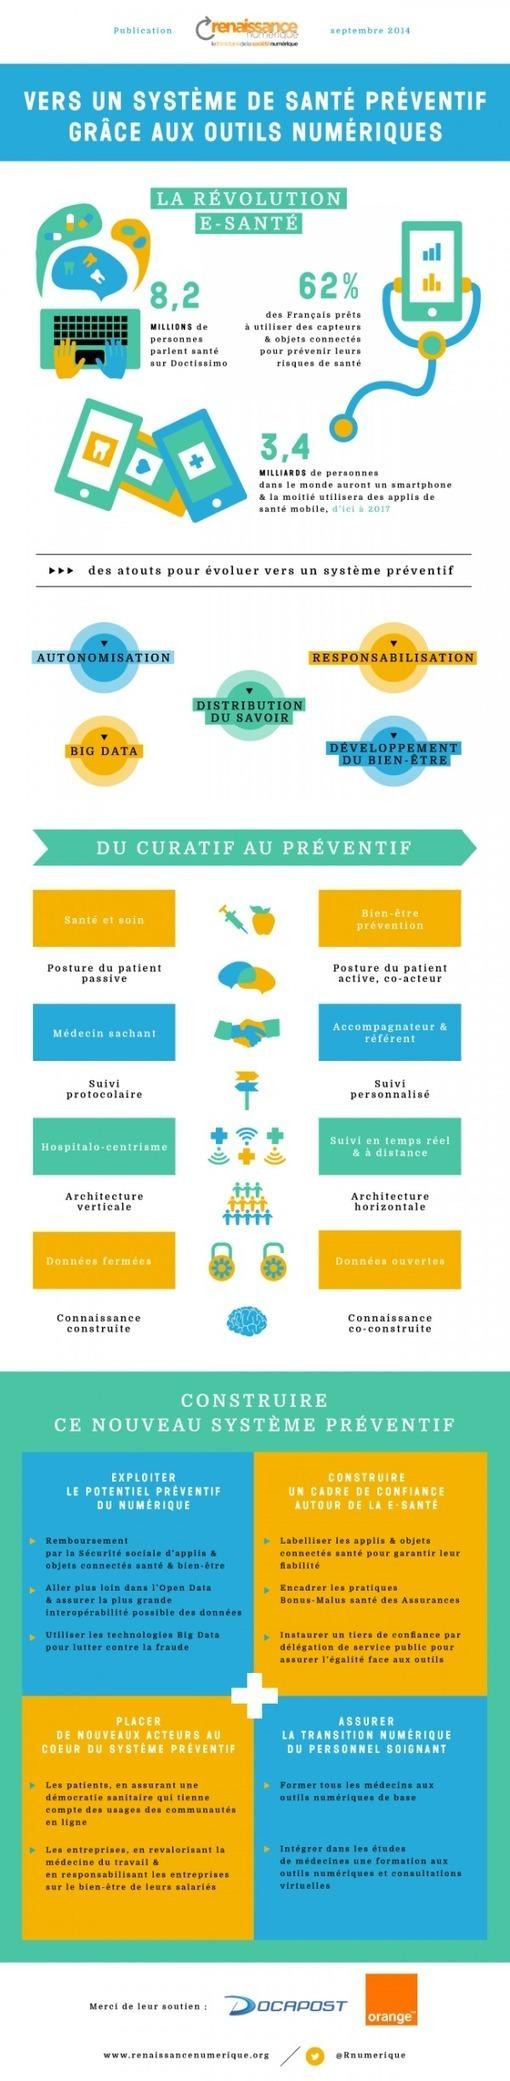 Infographie : la révolution e-santé